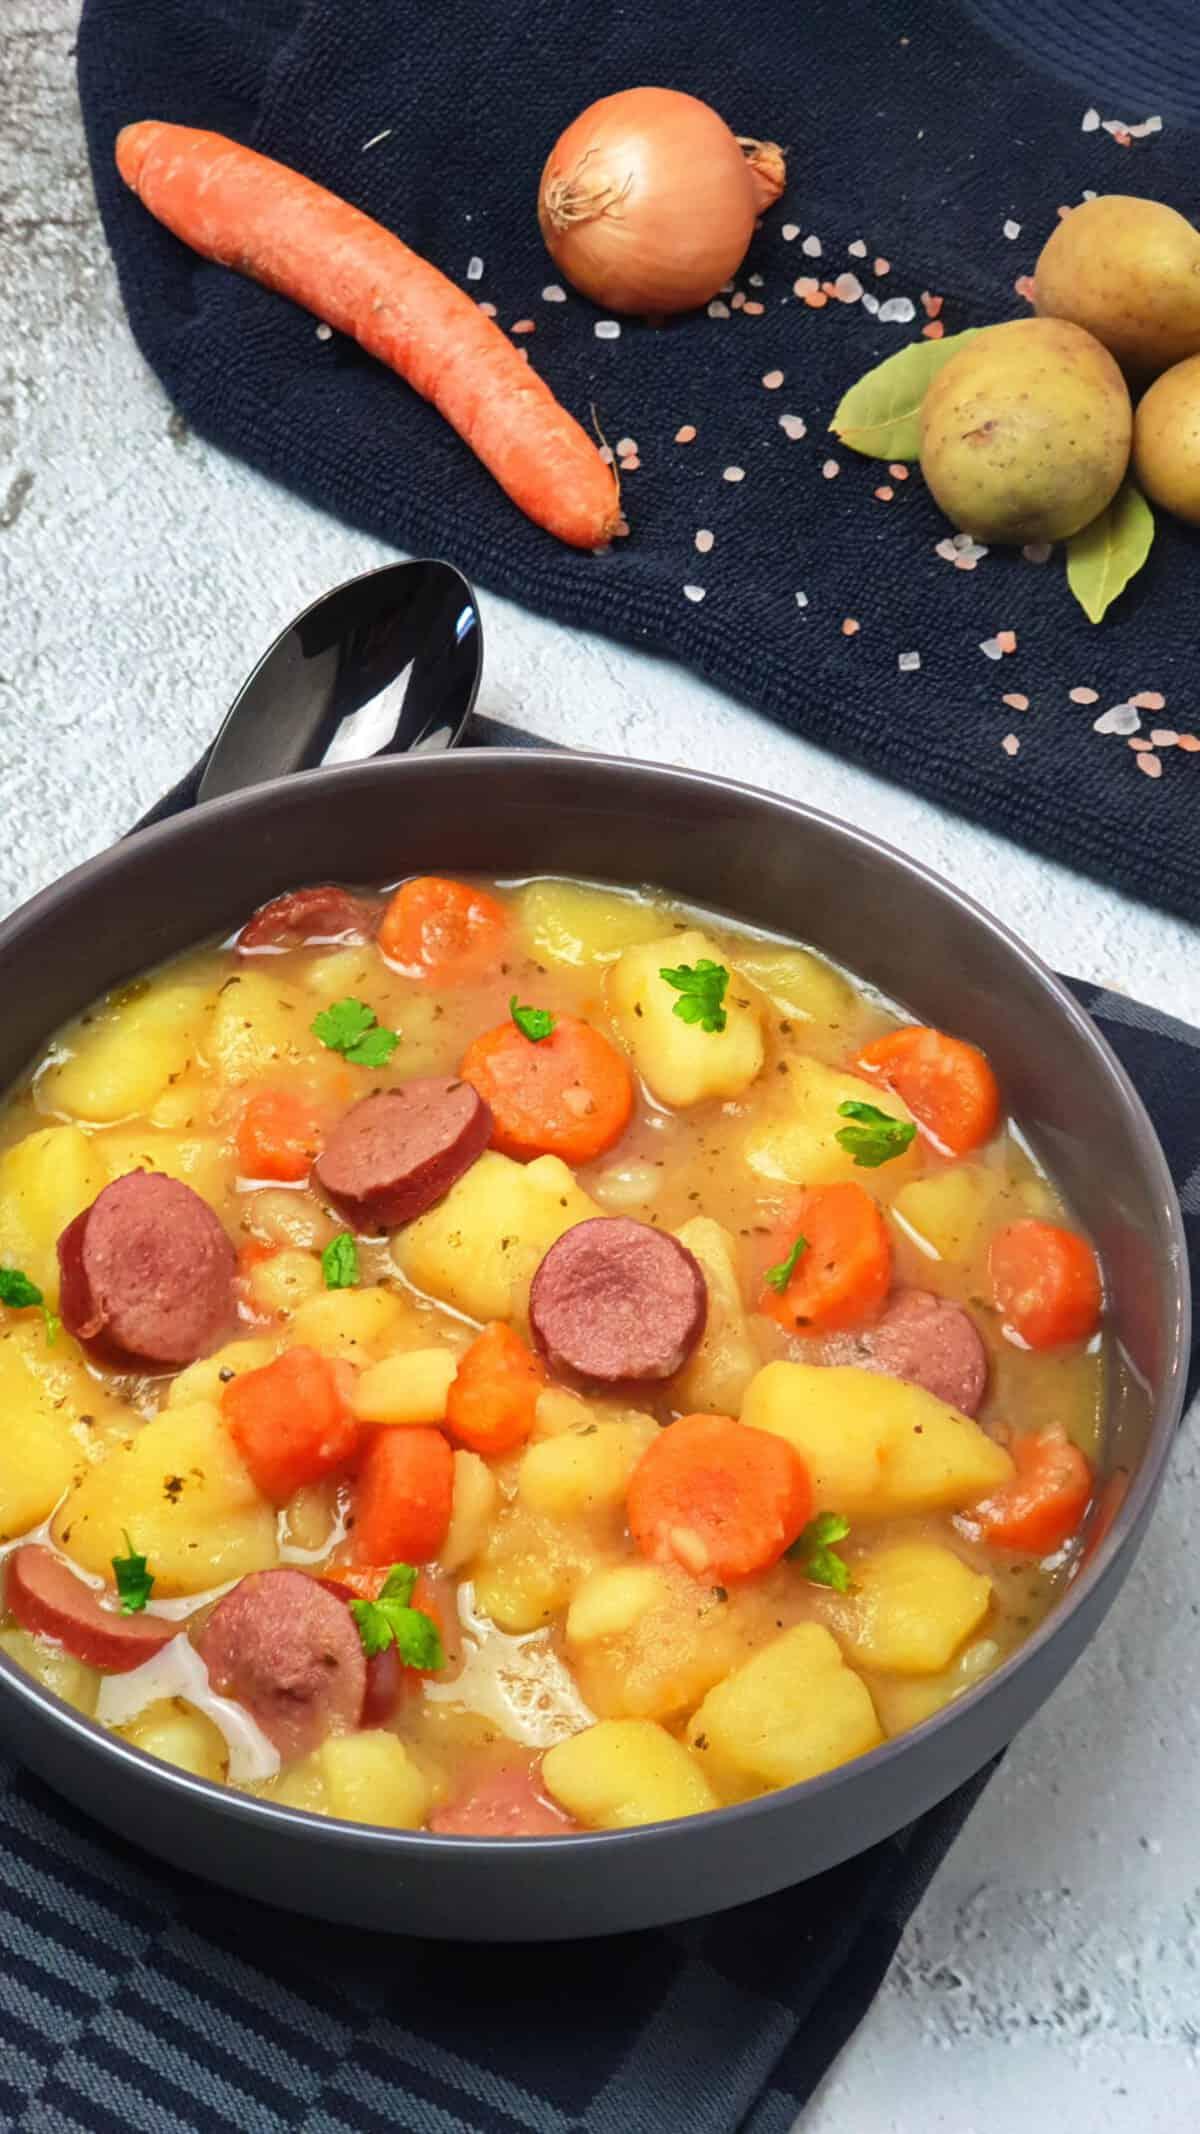 In einer grauen Schale ein Kartoffel-Möhren-Eintopf mit einer Frankfurter Rindswurst. Im Hintergrund Deko.